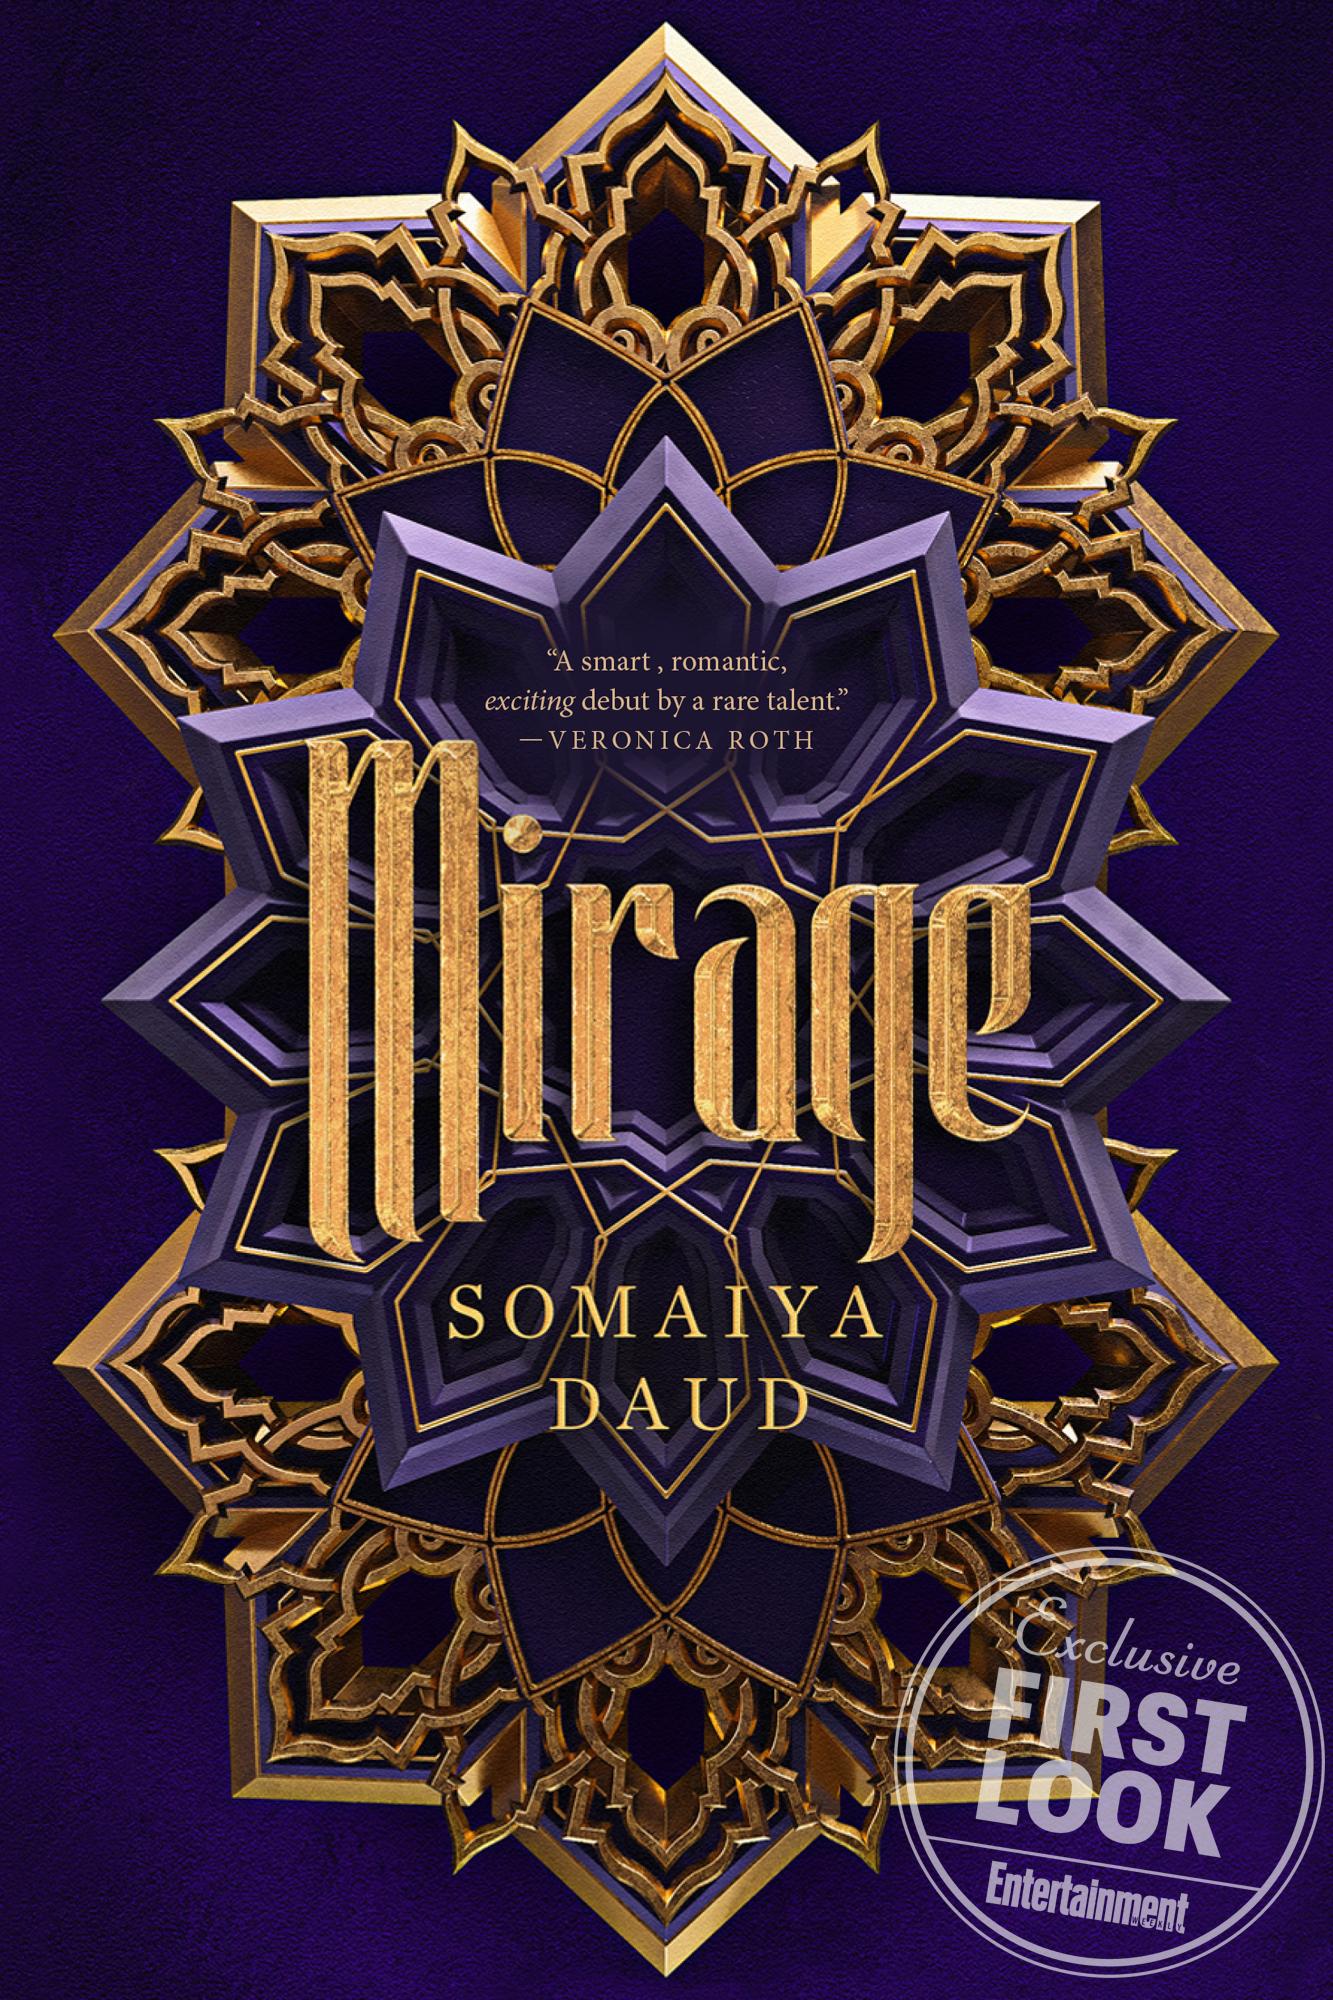 Mirage by Somaiya DaudCredit Flatiron Books